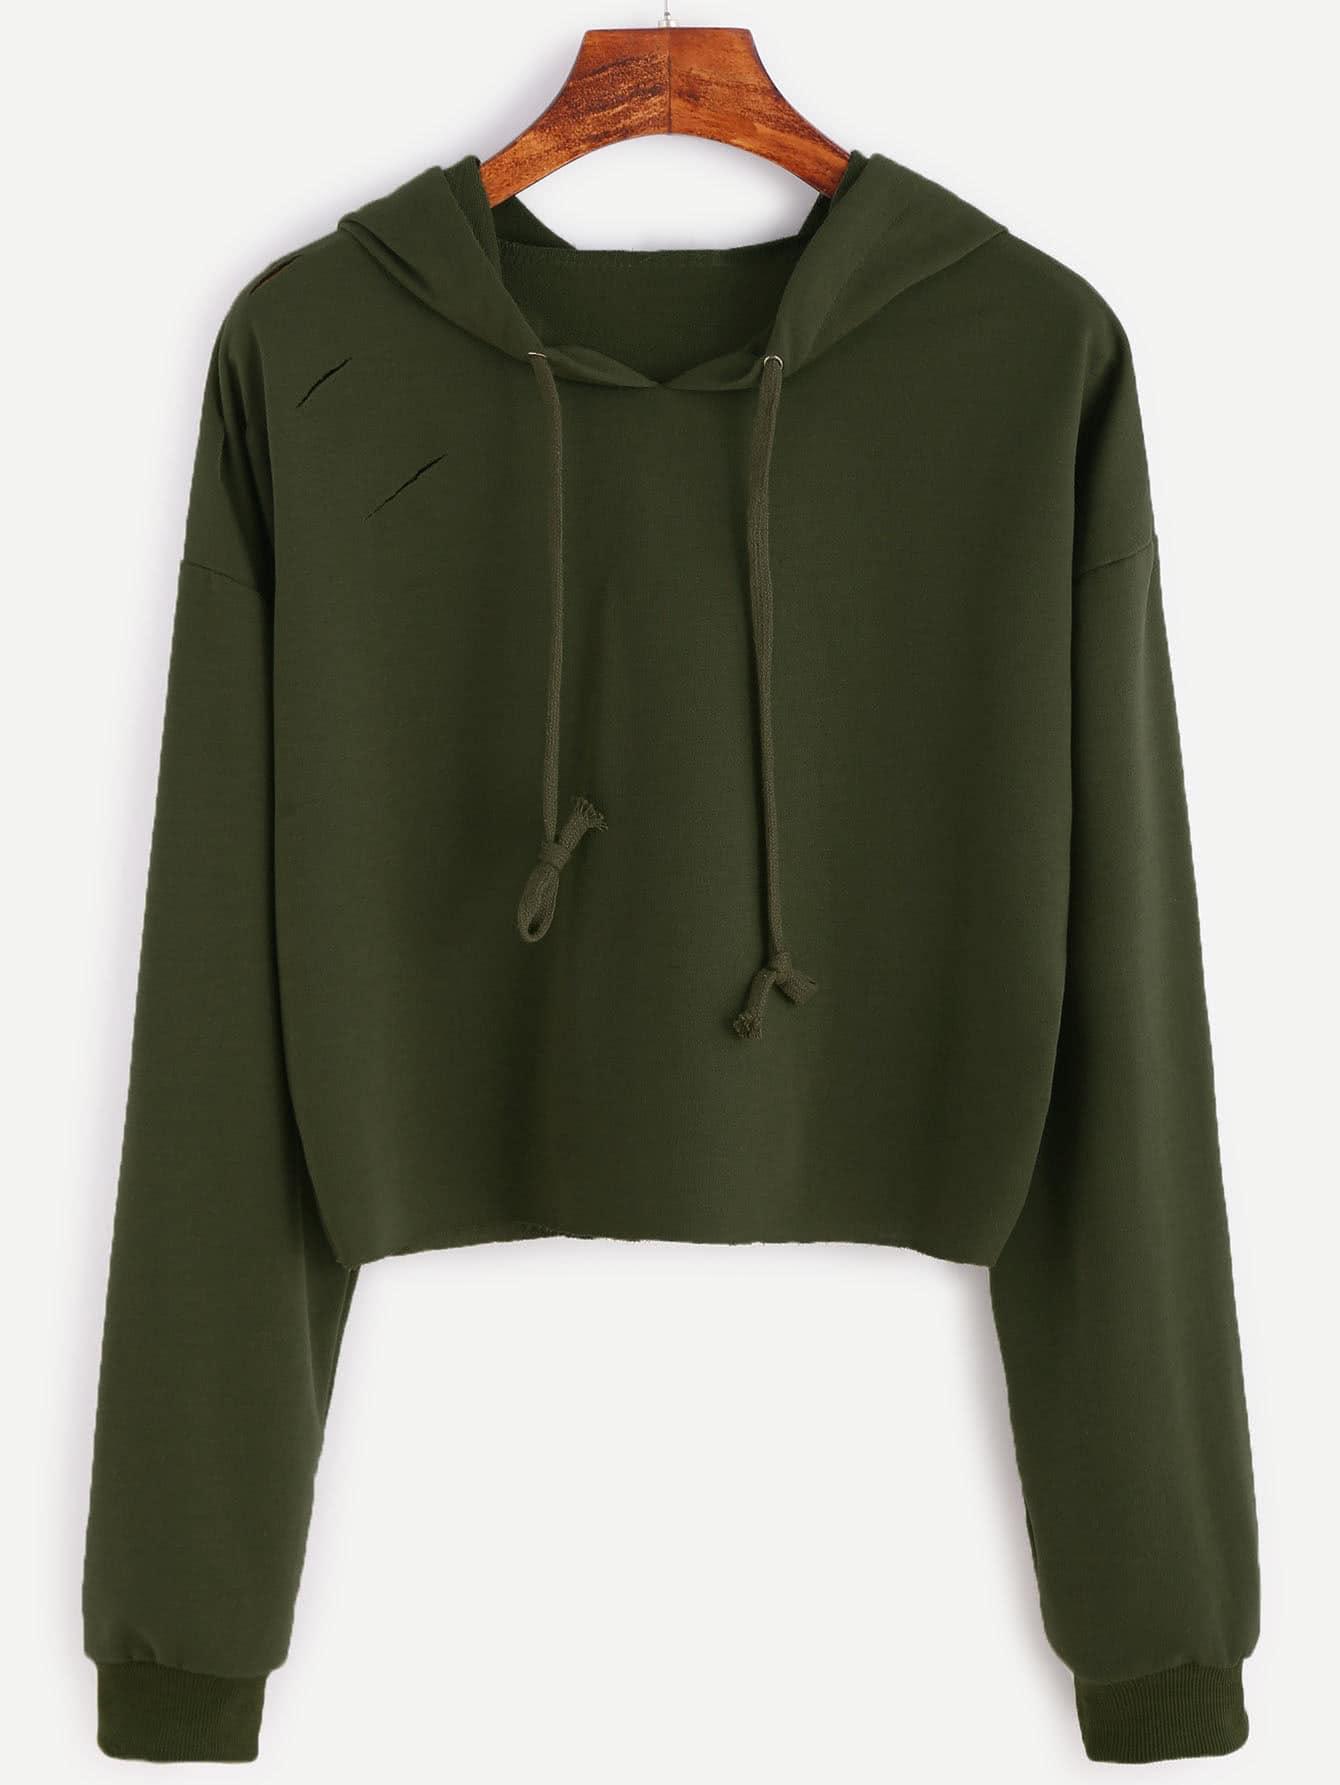 Купить Повседневный Ровный цвет Пуловеры Зеленый Свитшоты, null, SheIn